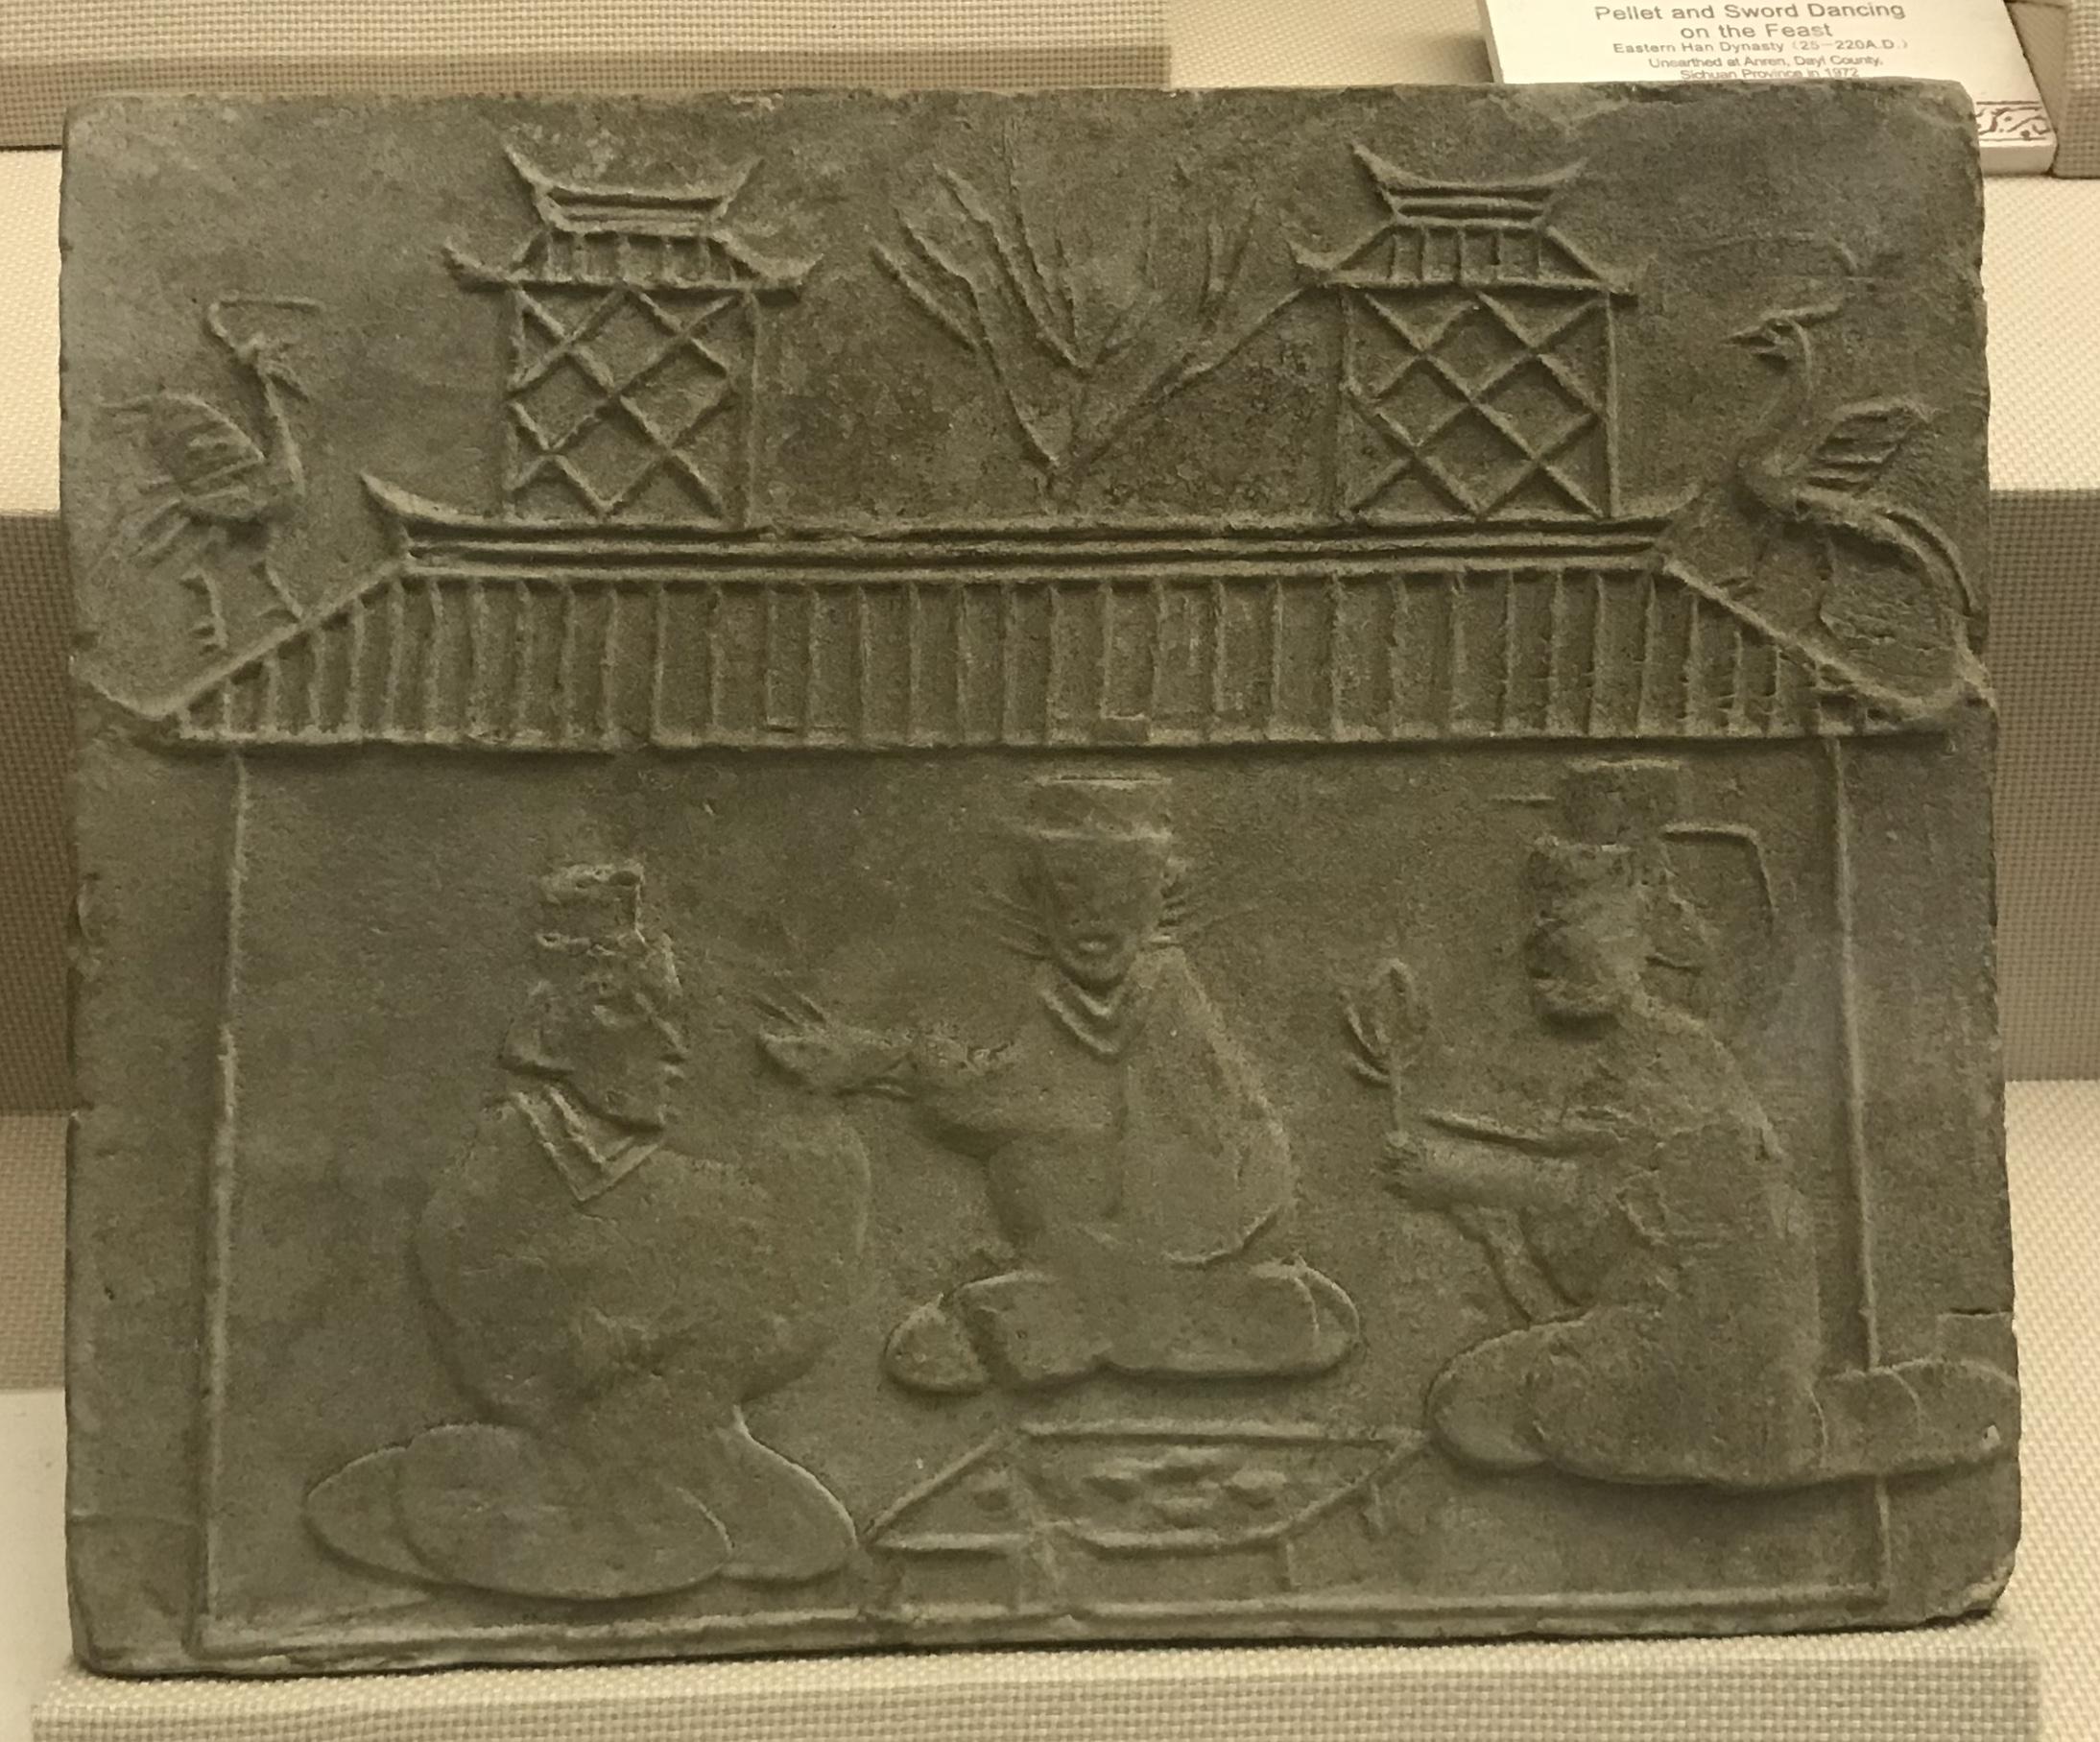 宴飲1画像レンガ-東漢-成都市新都区馬家出土-四川漢代陶石芸術館-四川博物院-成都